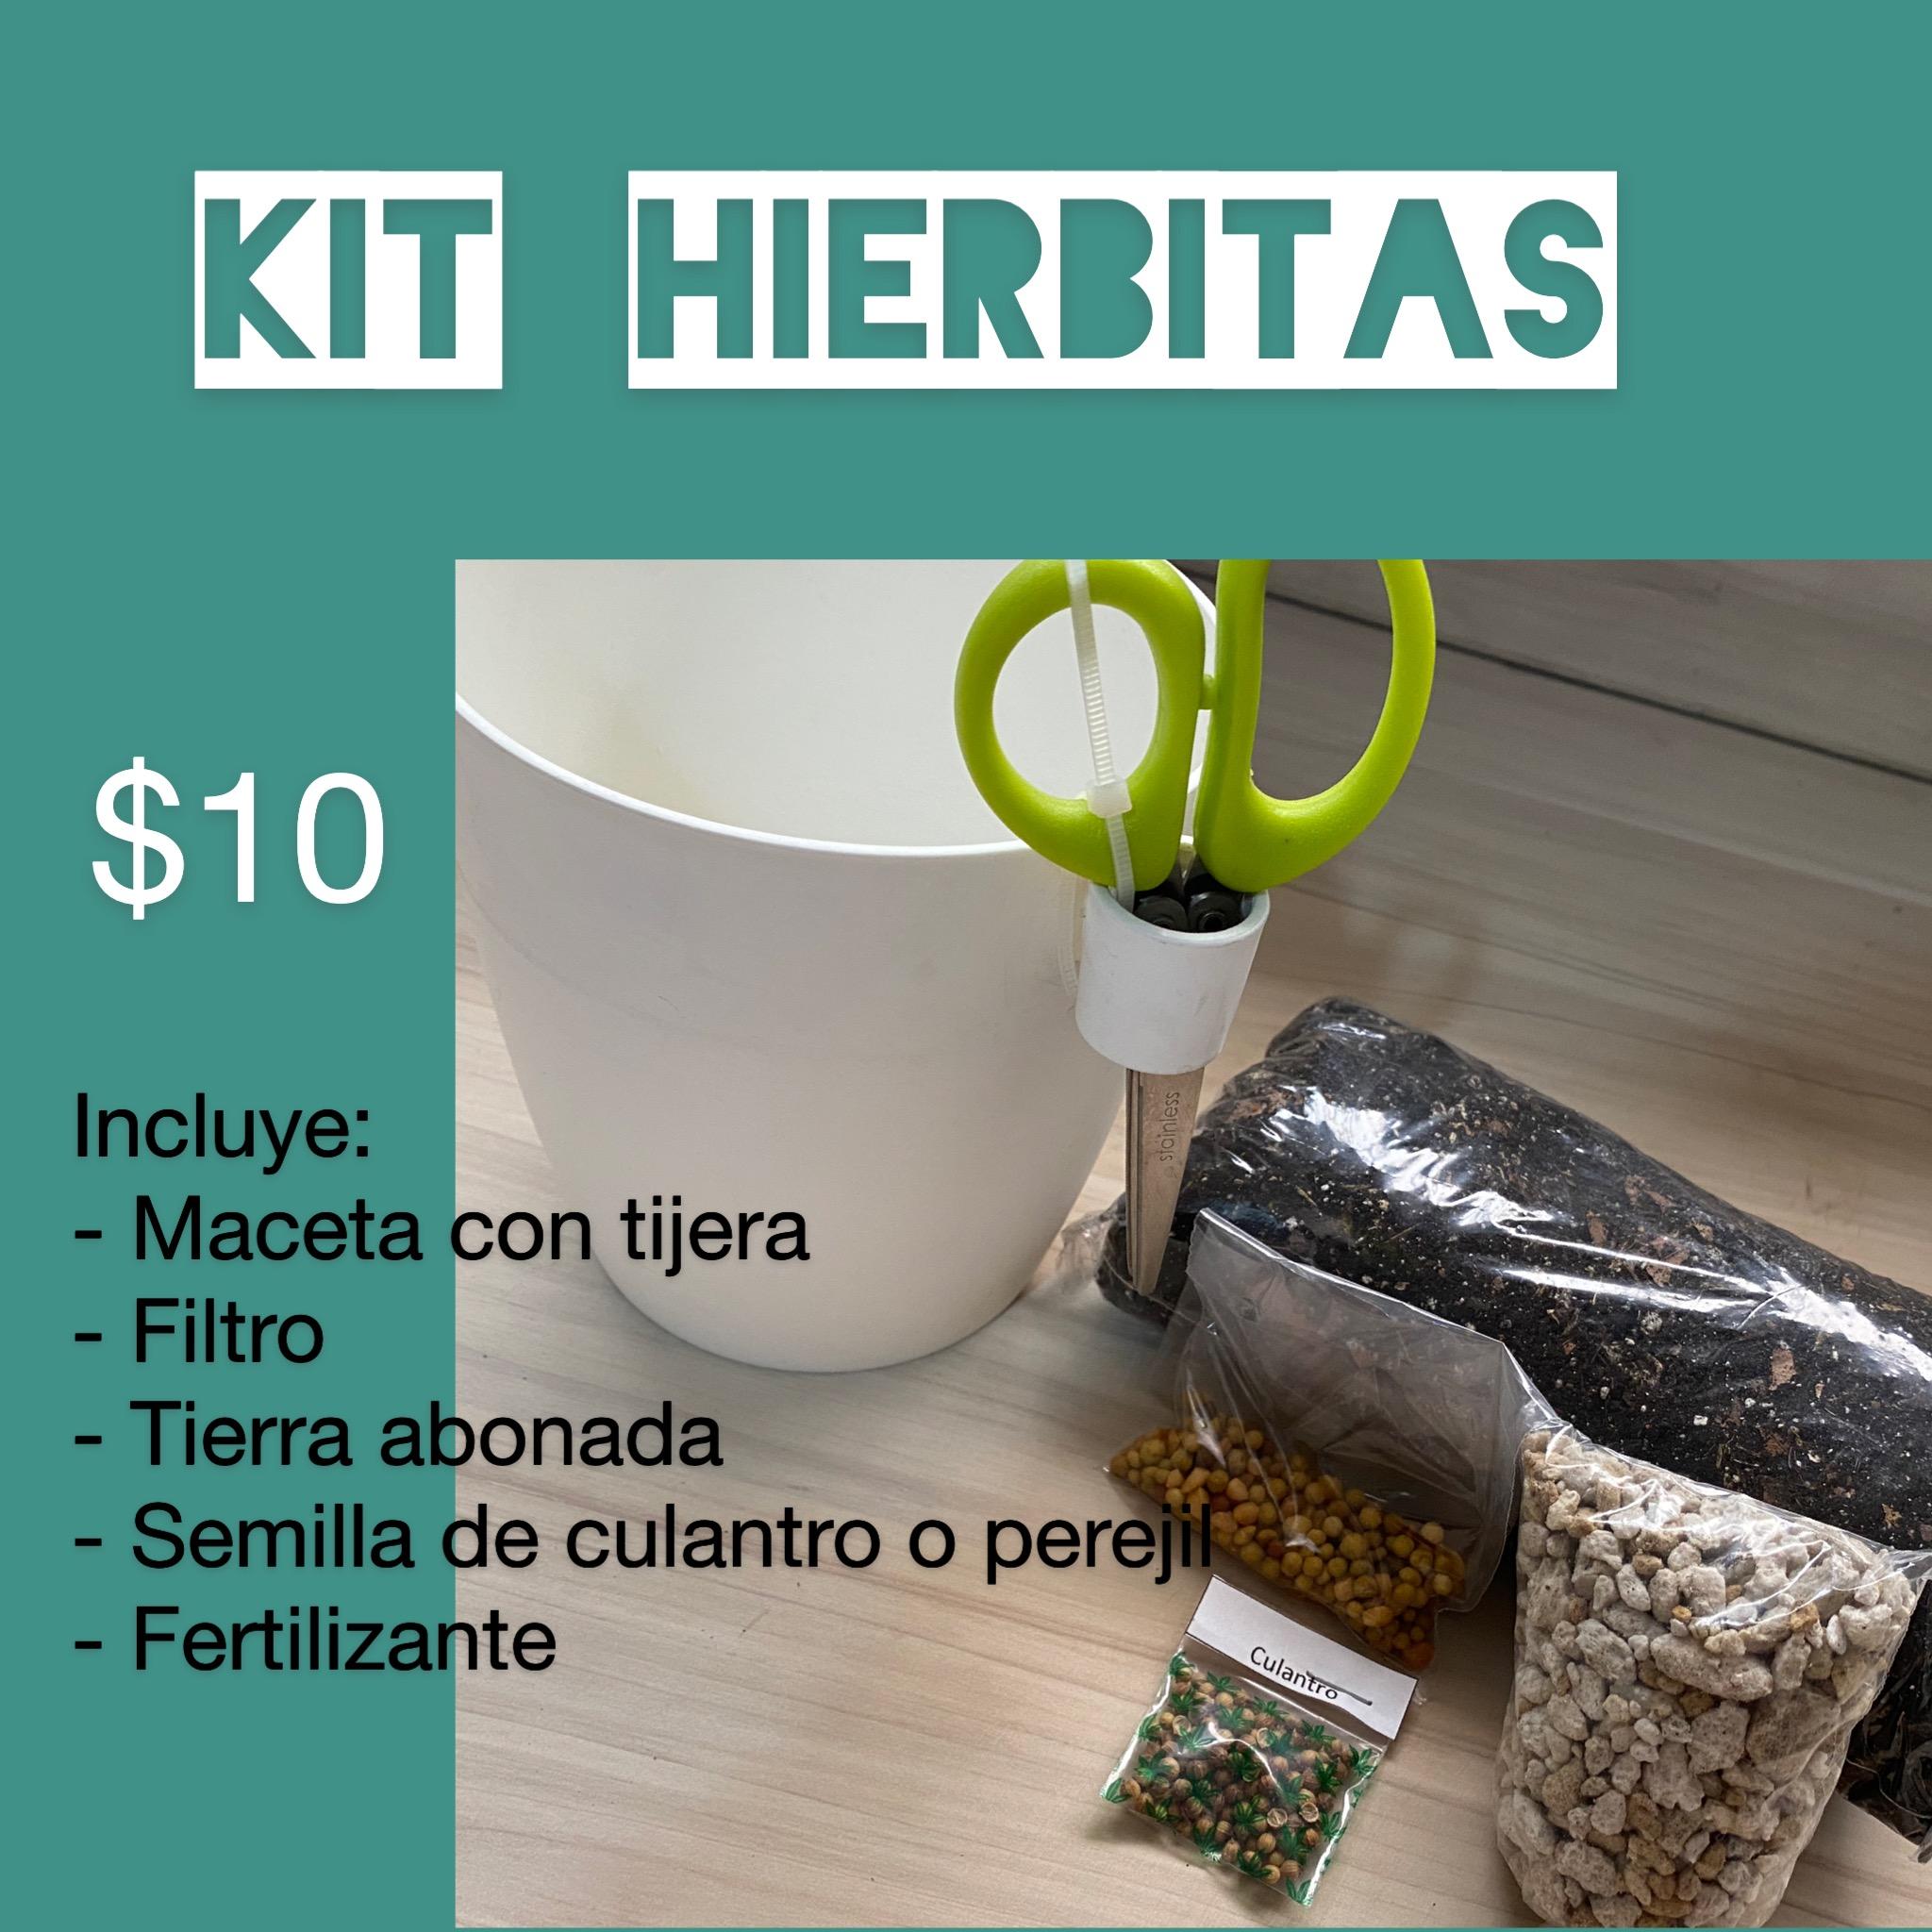 Kit Hierbitas